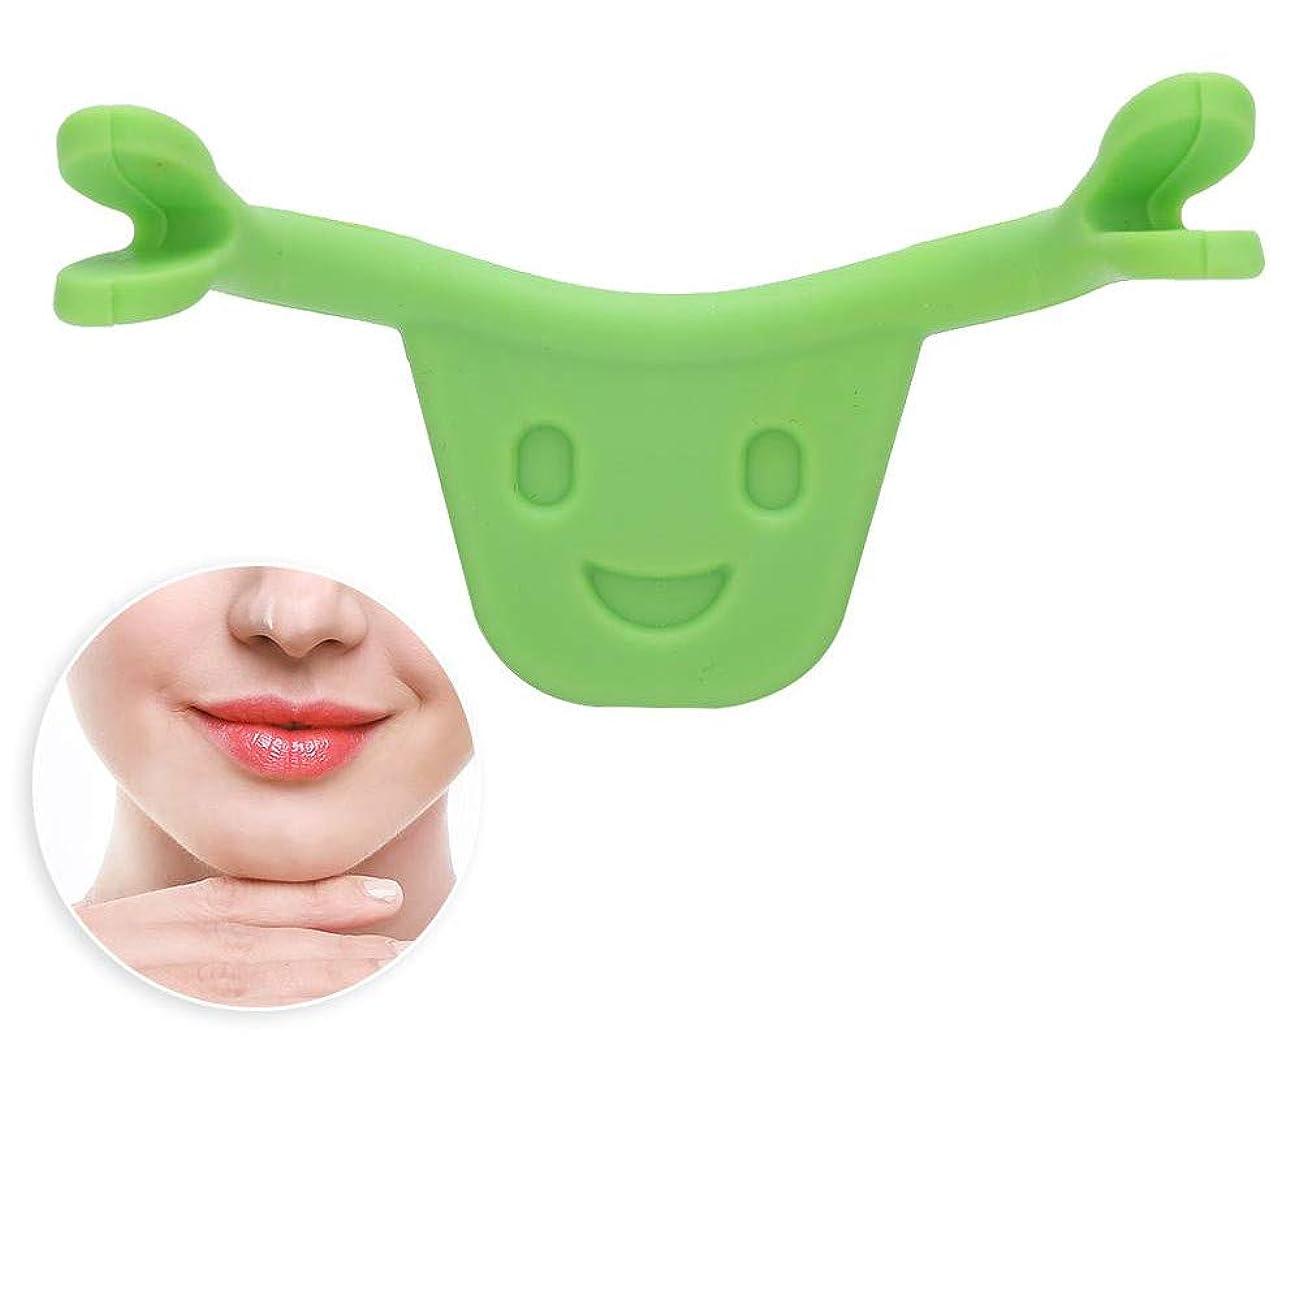 ライム大量カウントフェイストレーナー、笑顔メーカー2色パーソナルスマイル美容エクササイザトレーニングブレース笑顔メーカー美容ケア口の形(2#)